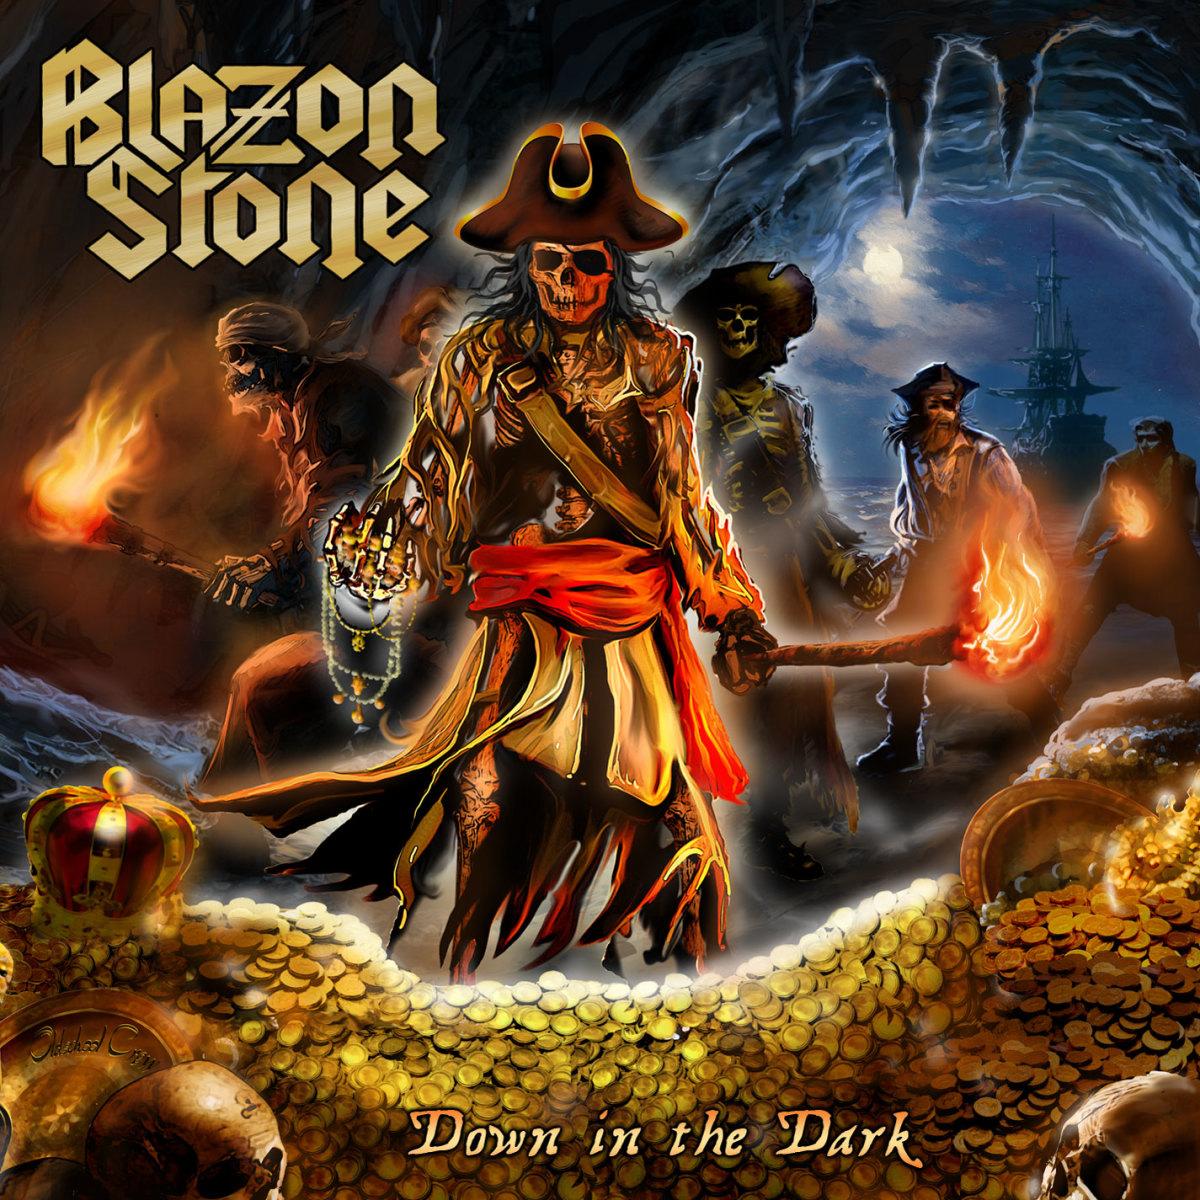 blazon-stone-down-in-the-dark-2017-album-review